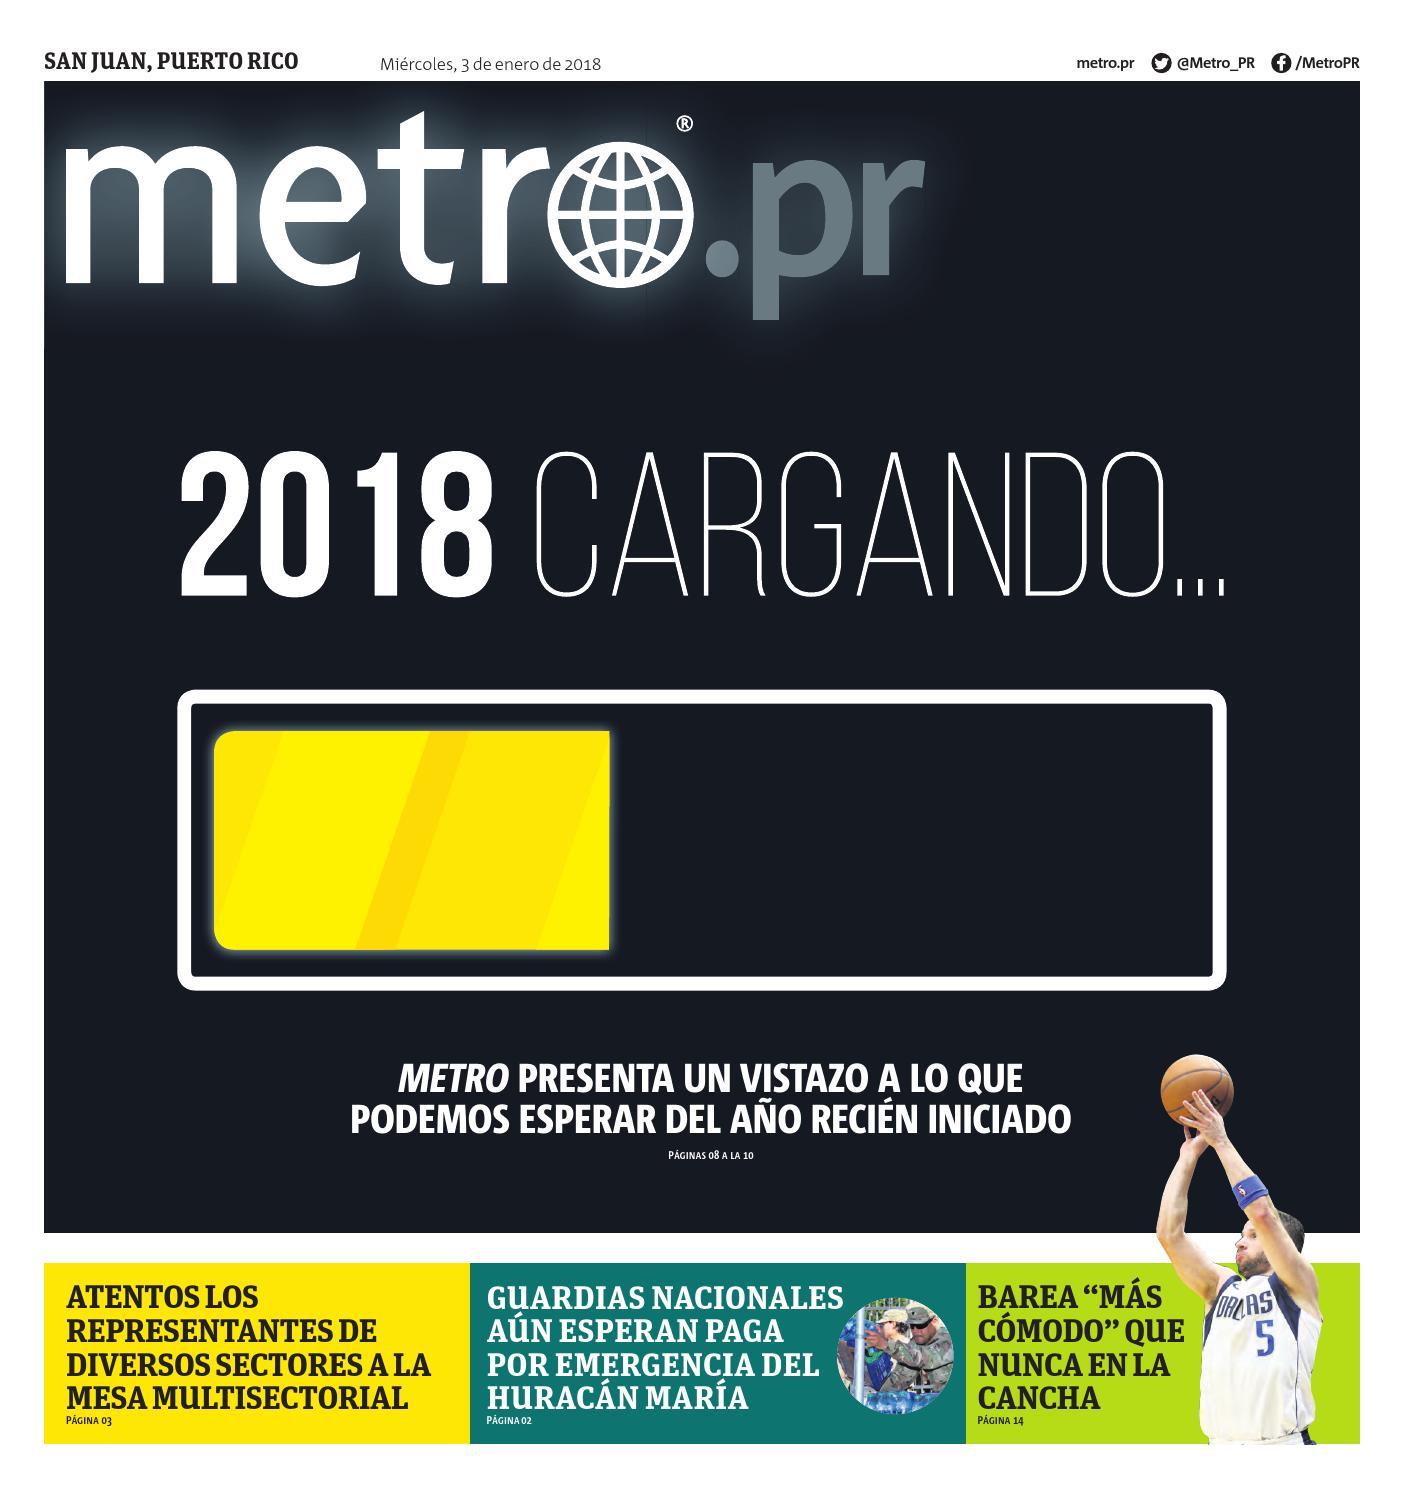 20180103 pr sanjuan by Metro Puerto Rico - issuu